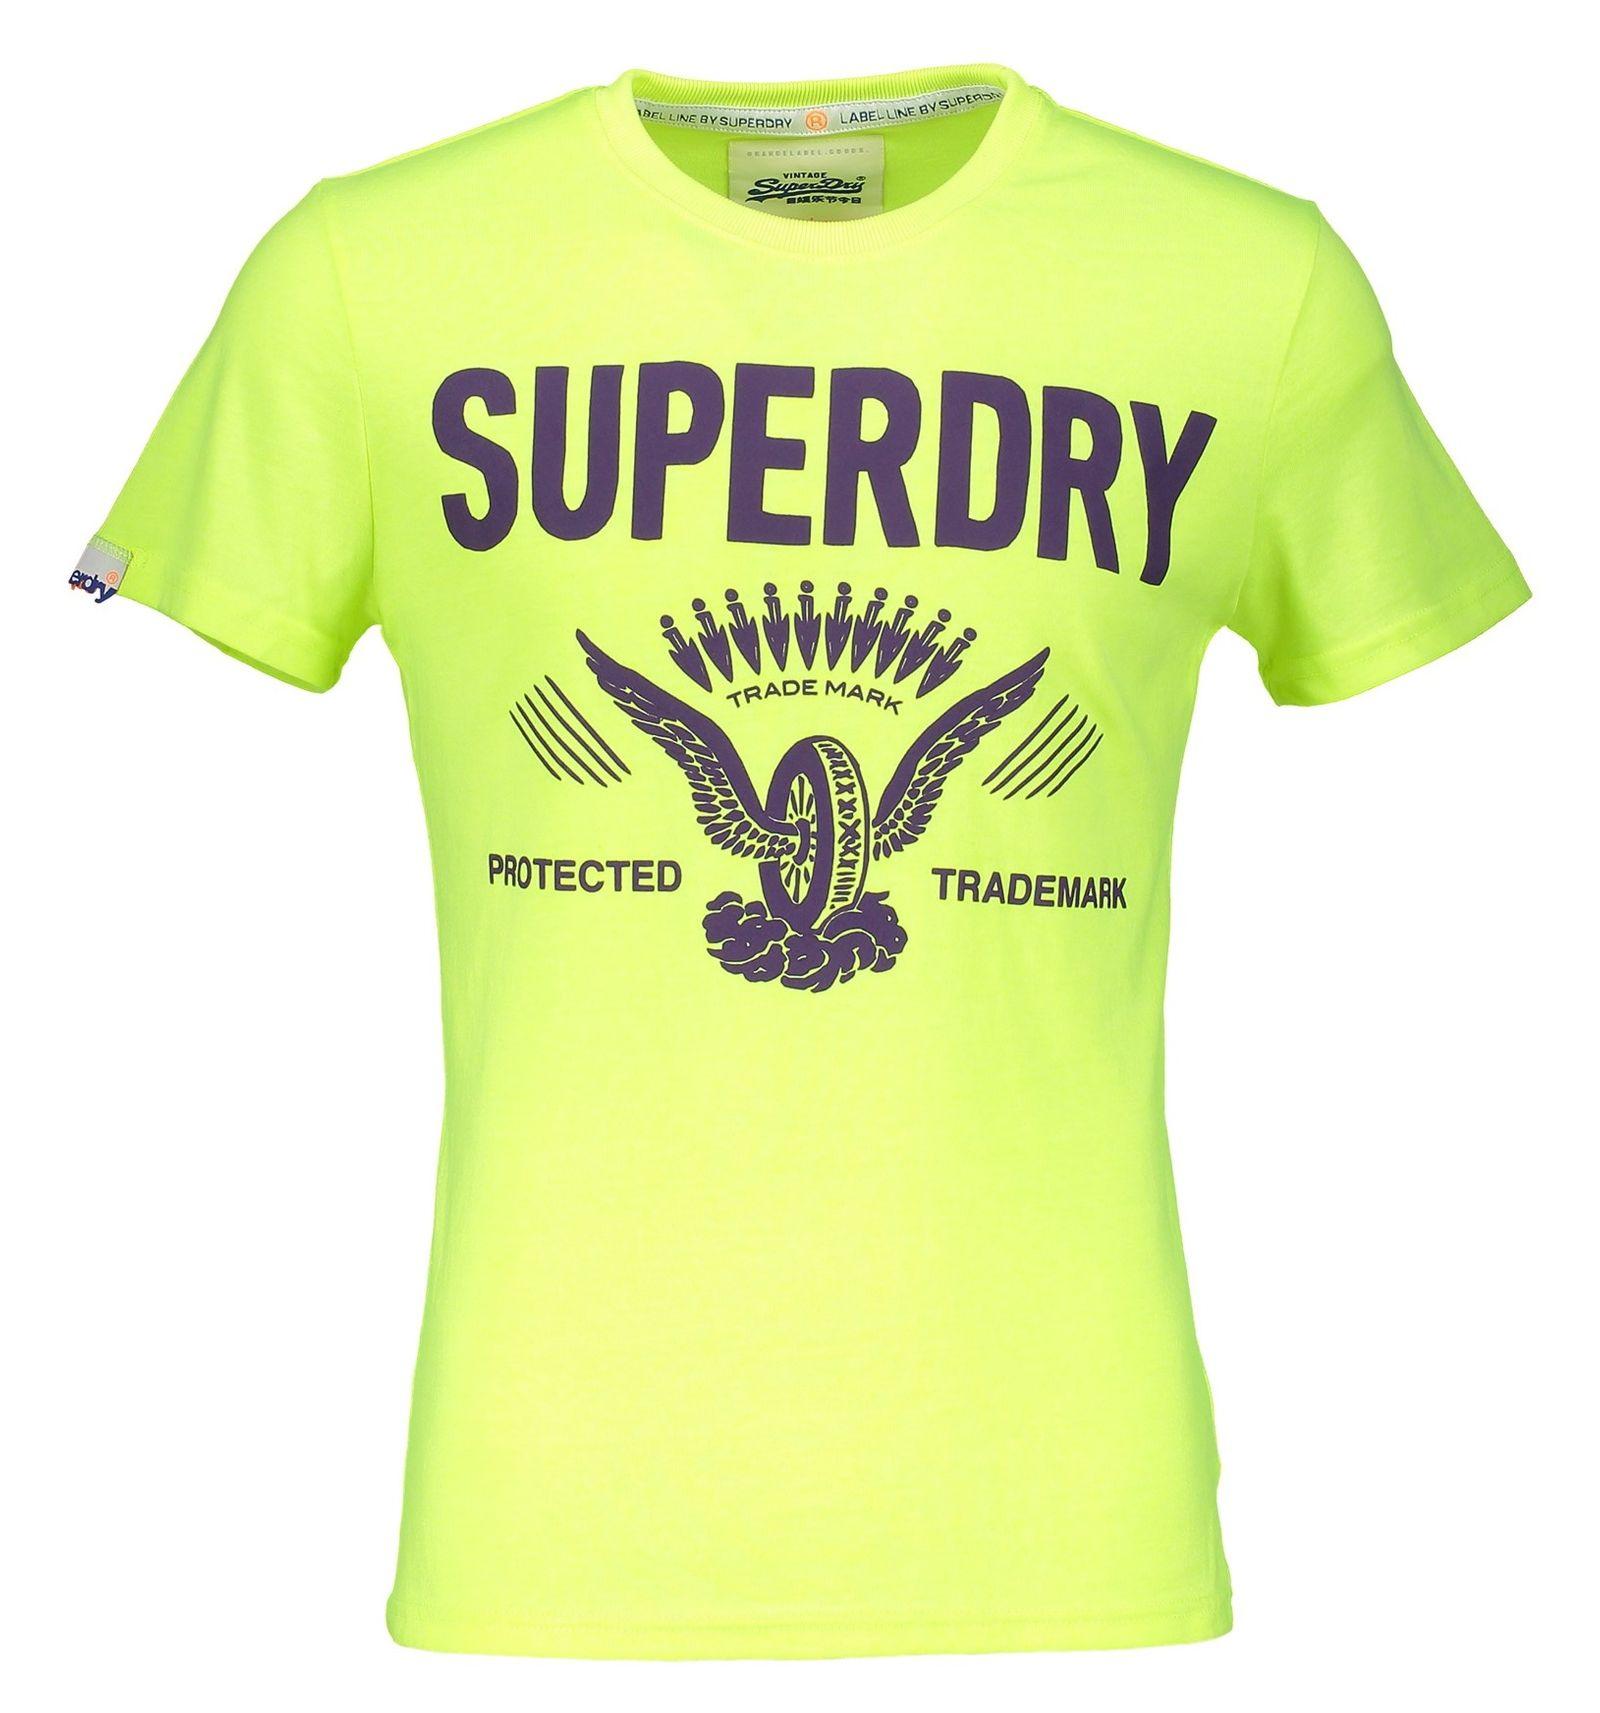 تی شرت یقه گرد مردانه - سوپردرای - زرد فلورسنت - 1